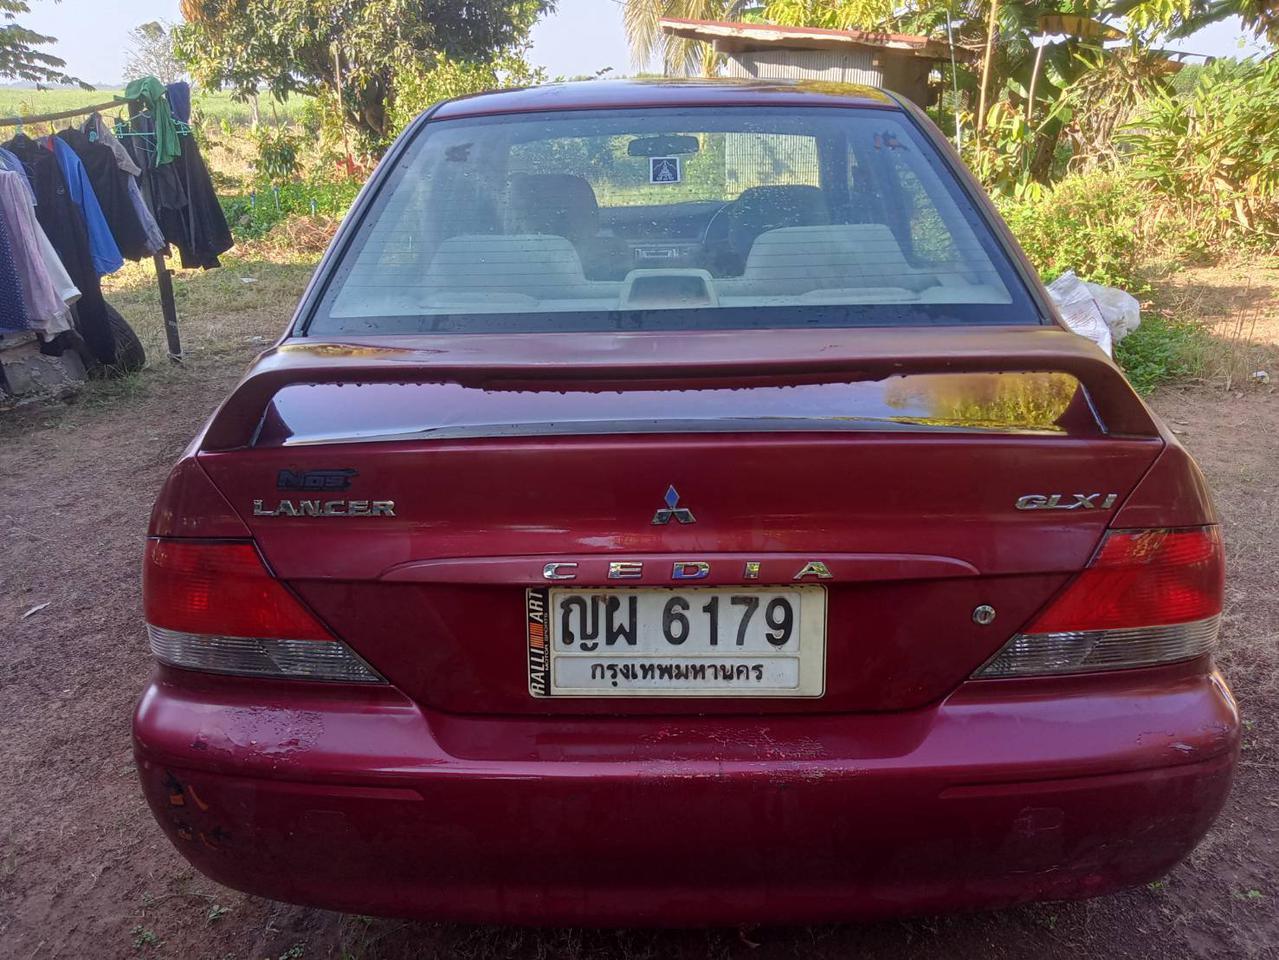 ขออนุญาต admin ขาย Mitsubishi cedia ปี 2003 1.6 auto พร้อมใช้ รถวิ่งดีมาก ระบบไฟฟ้าครบ รูปที่ 4